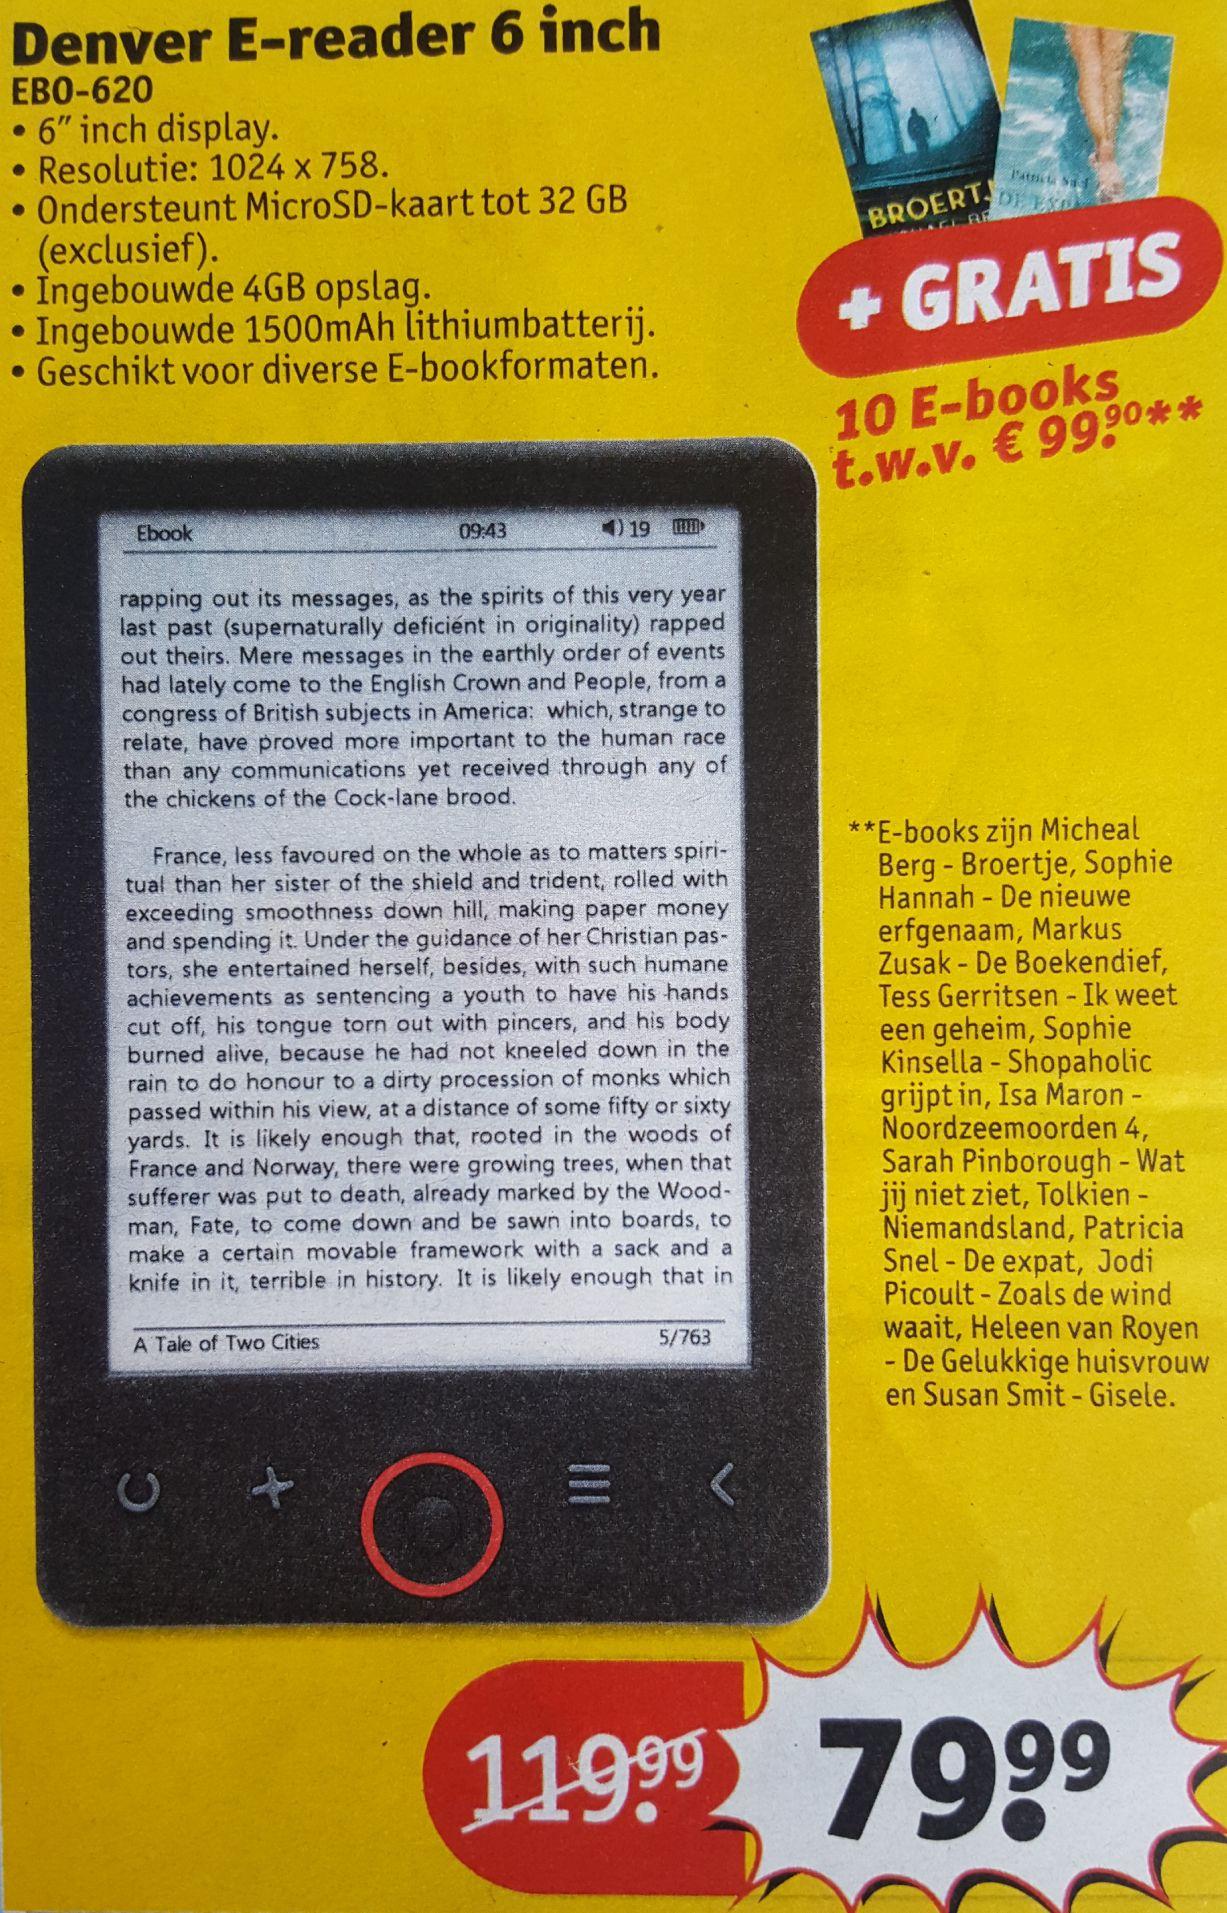 Denver 6 inch E-reader + 10 E-books voor 79,99€ - Pepper.com